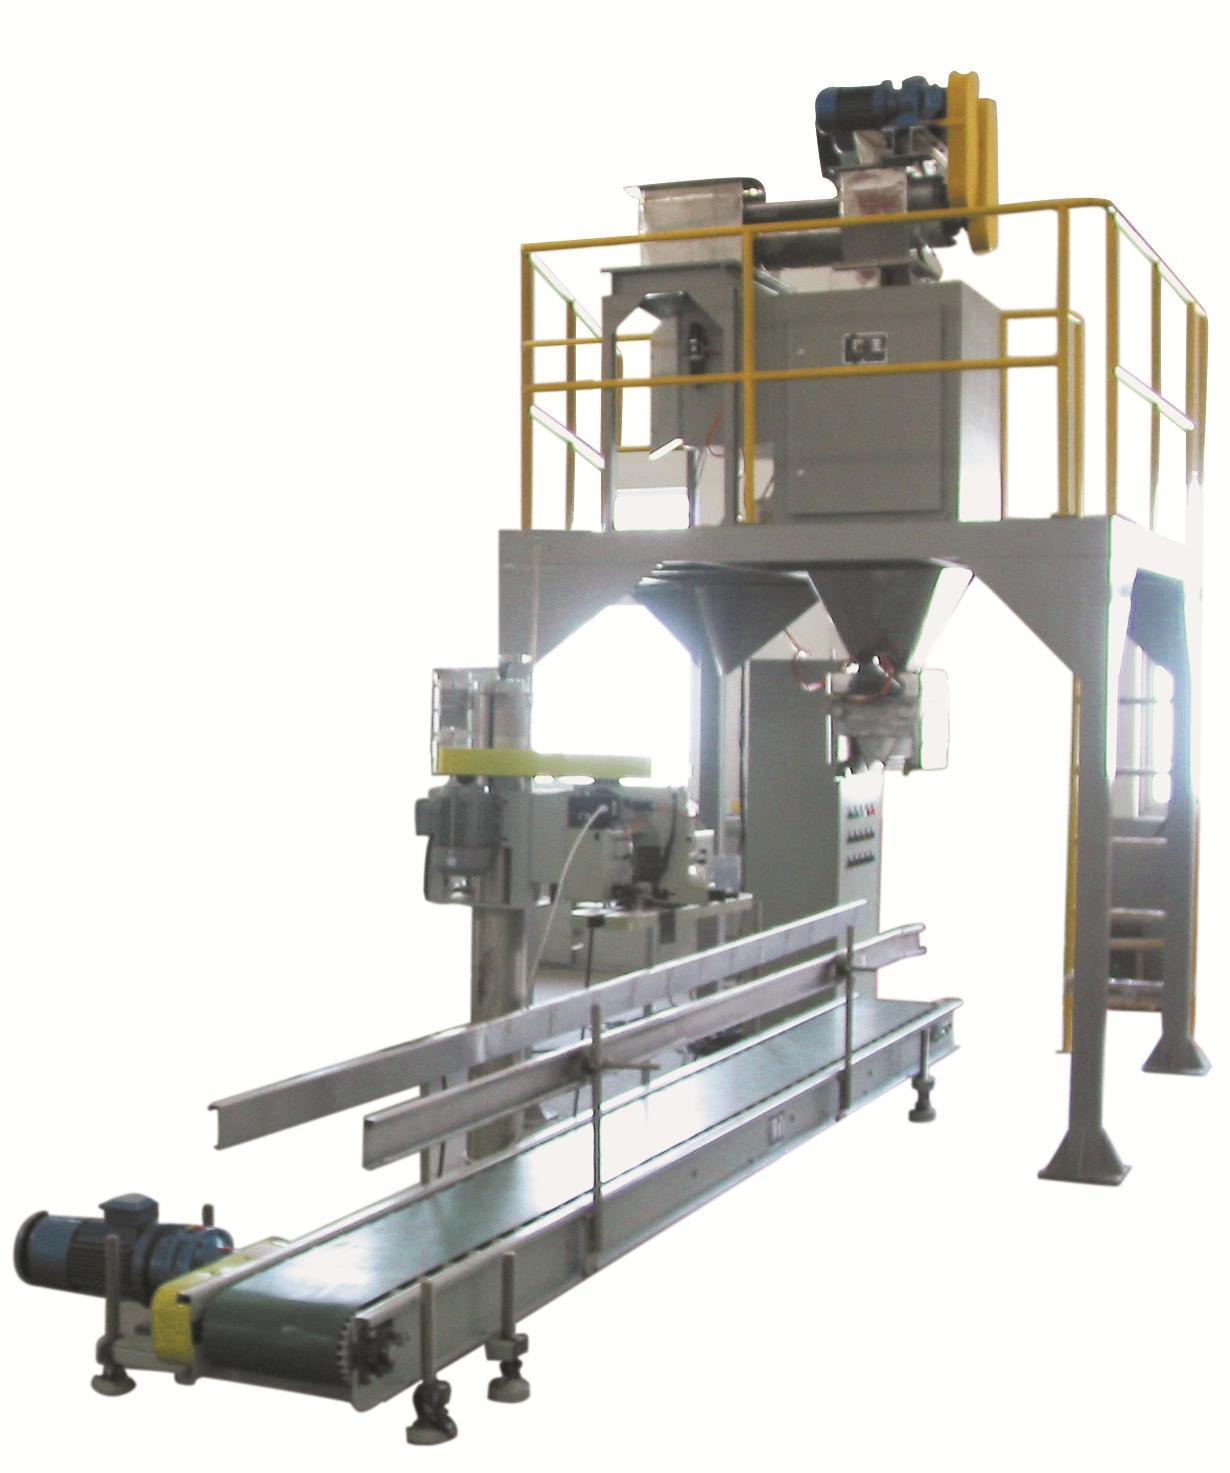 包装设备 粉体包装设备 常州世展自动化设备有限公司 粉料包装机